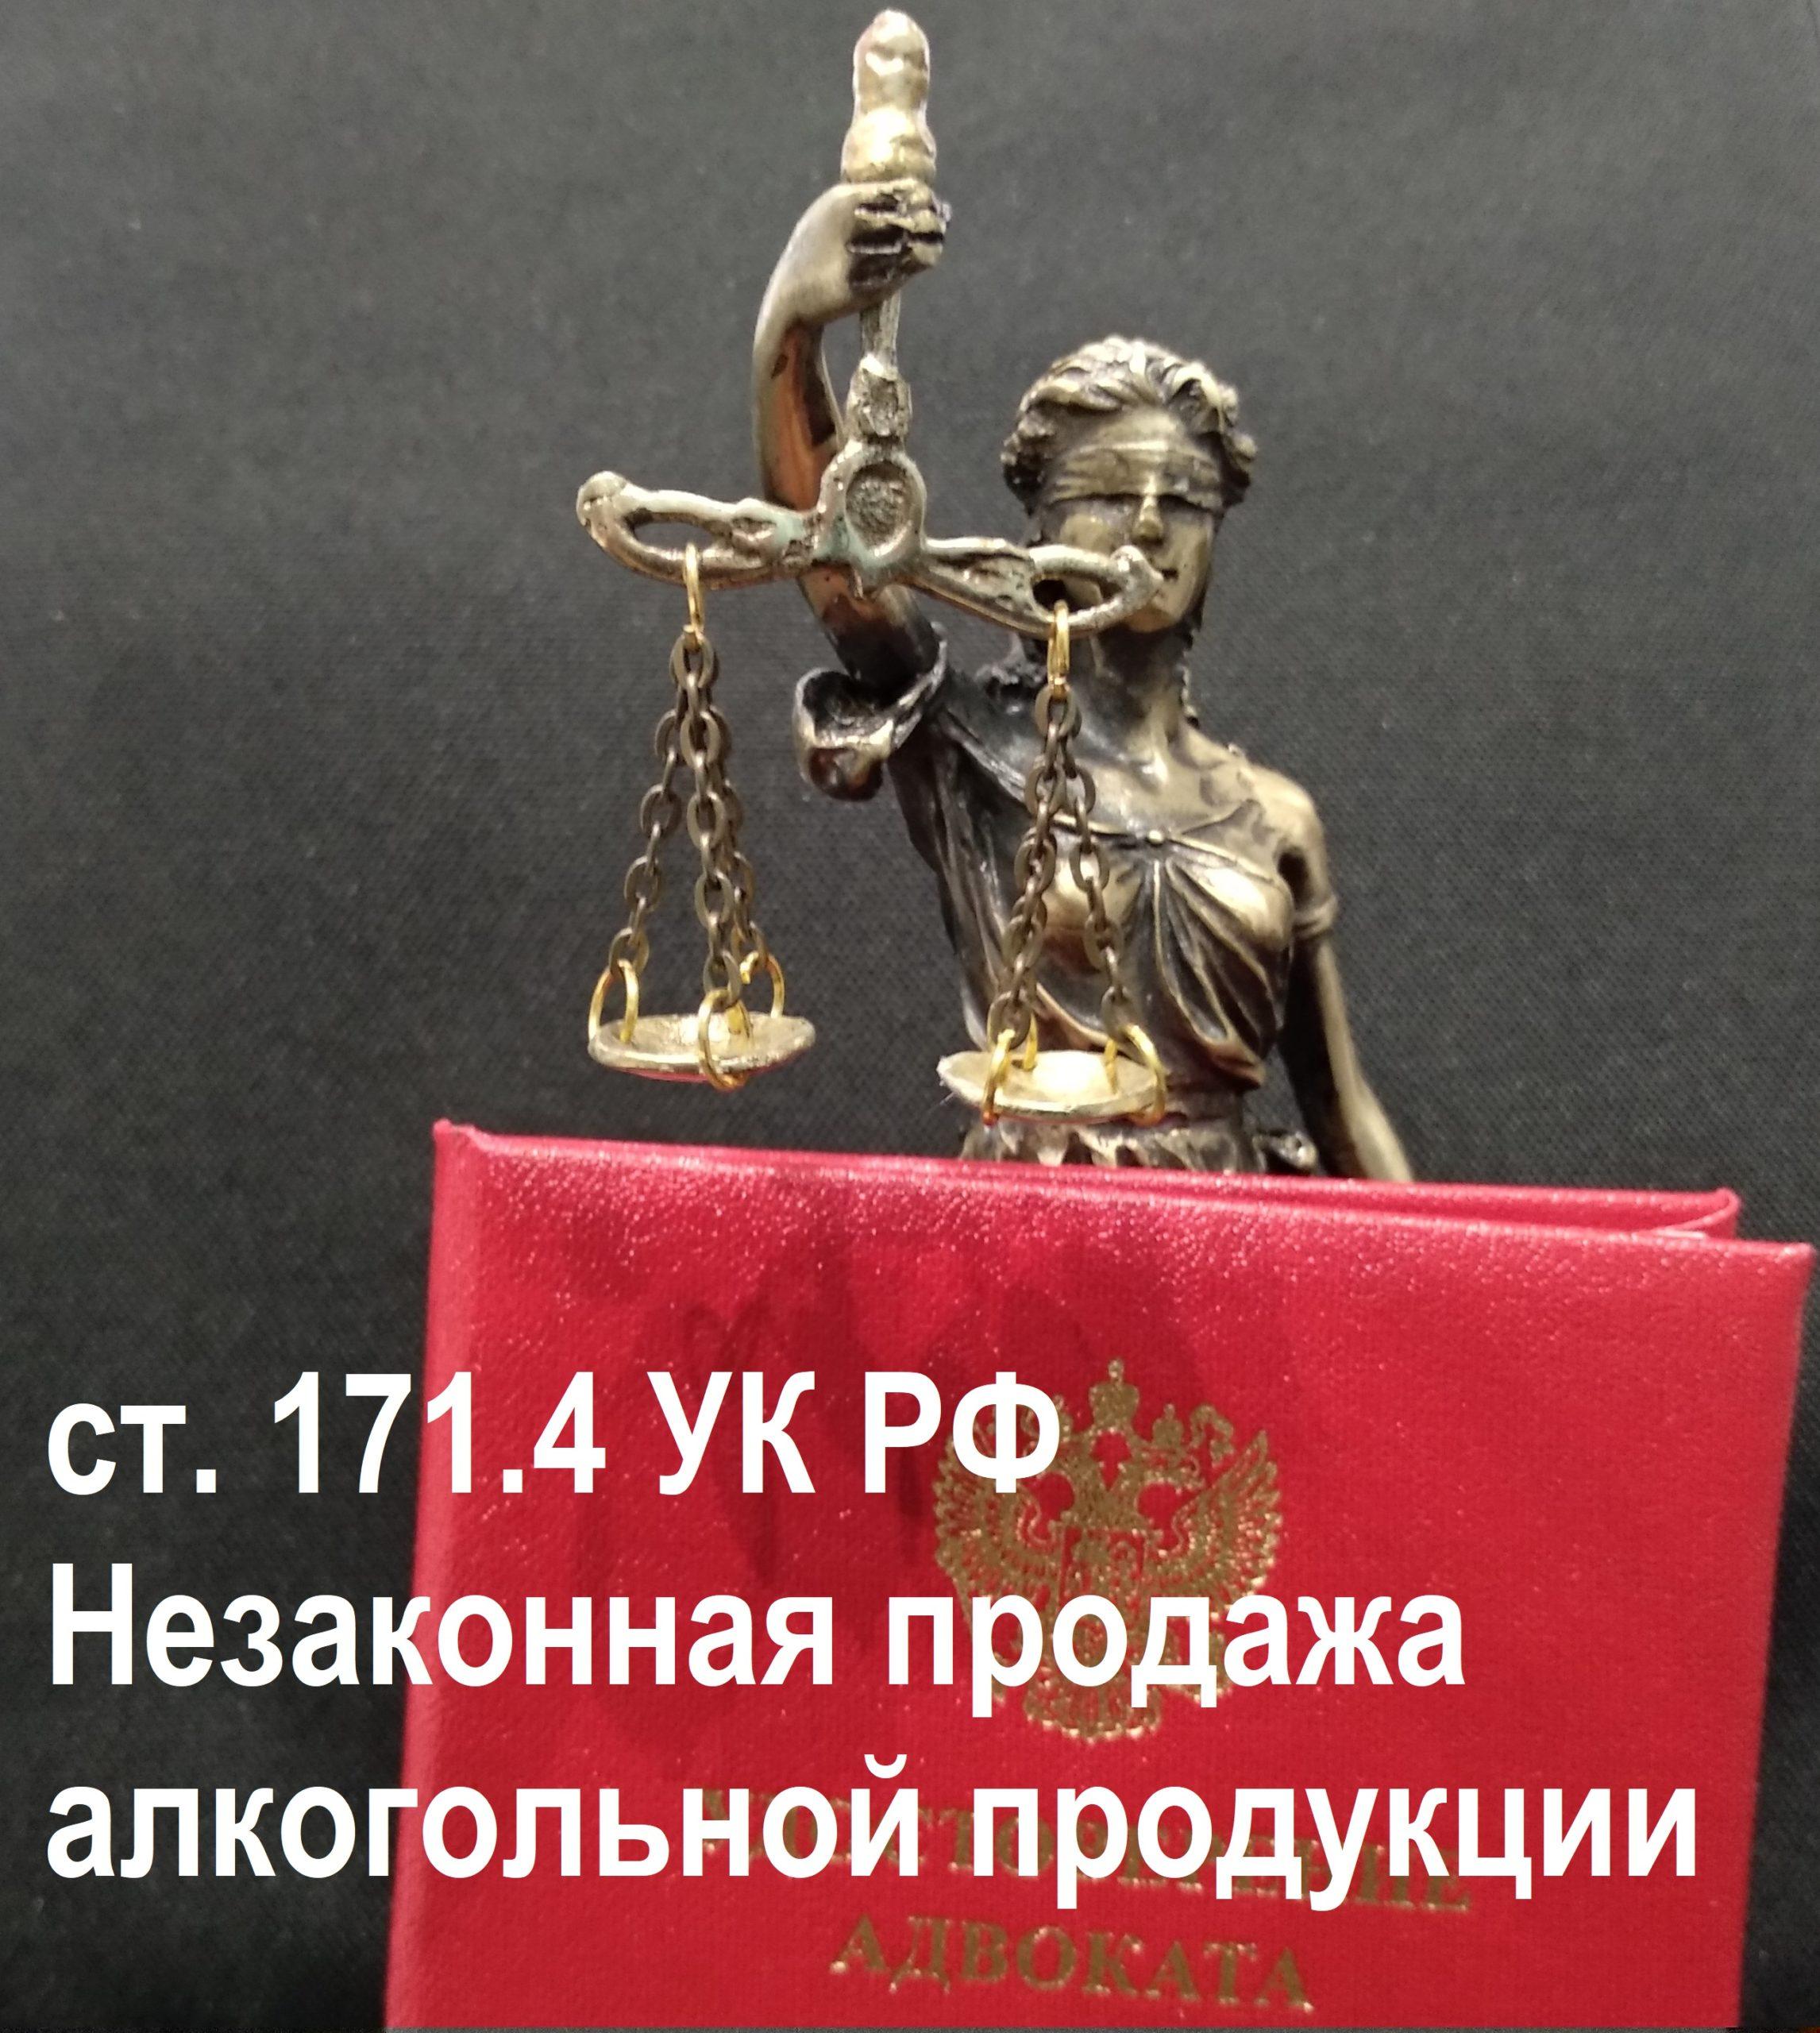 Адвокат по ст. 171.4 УК РФ Незаконная продажа алкогольной продукции